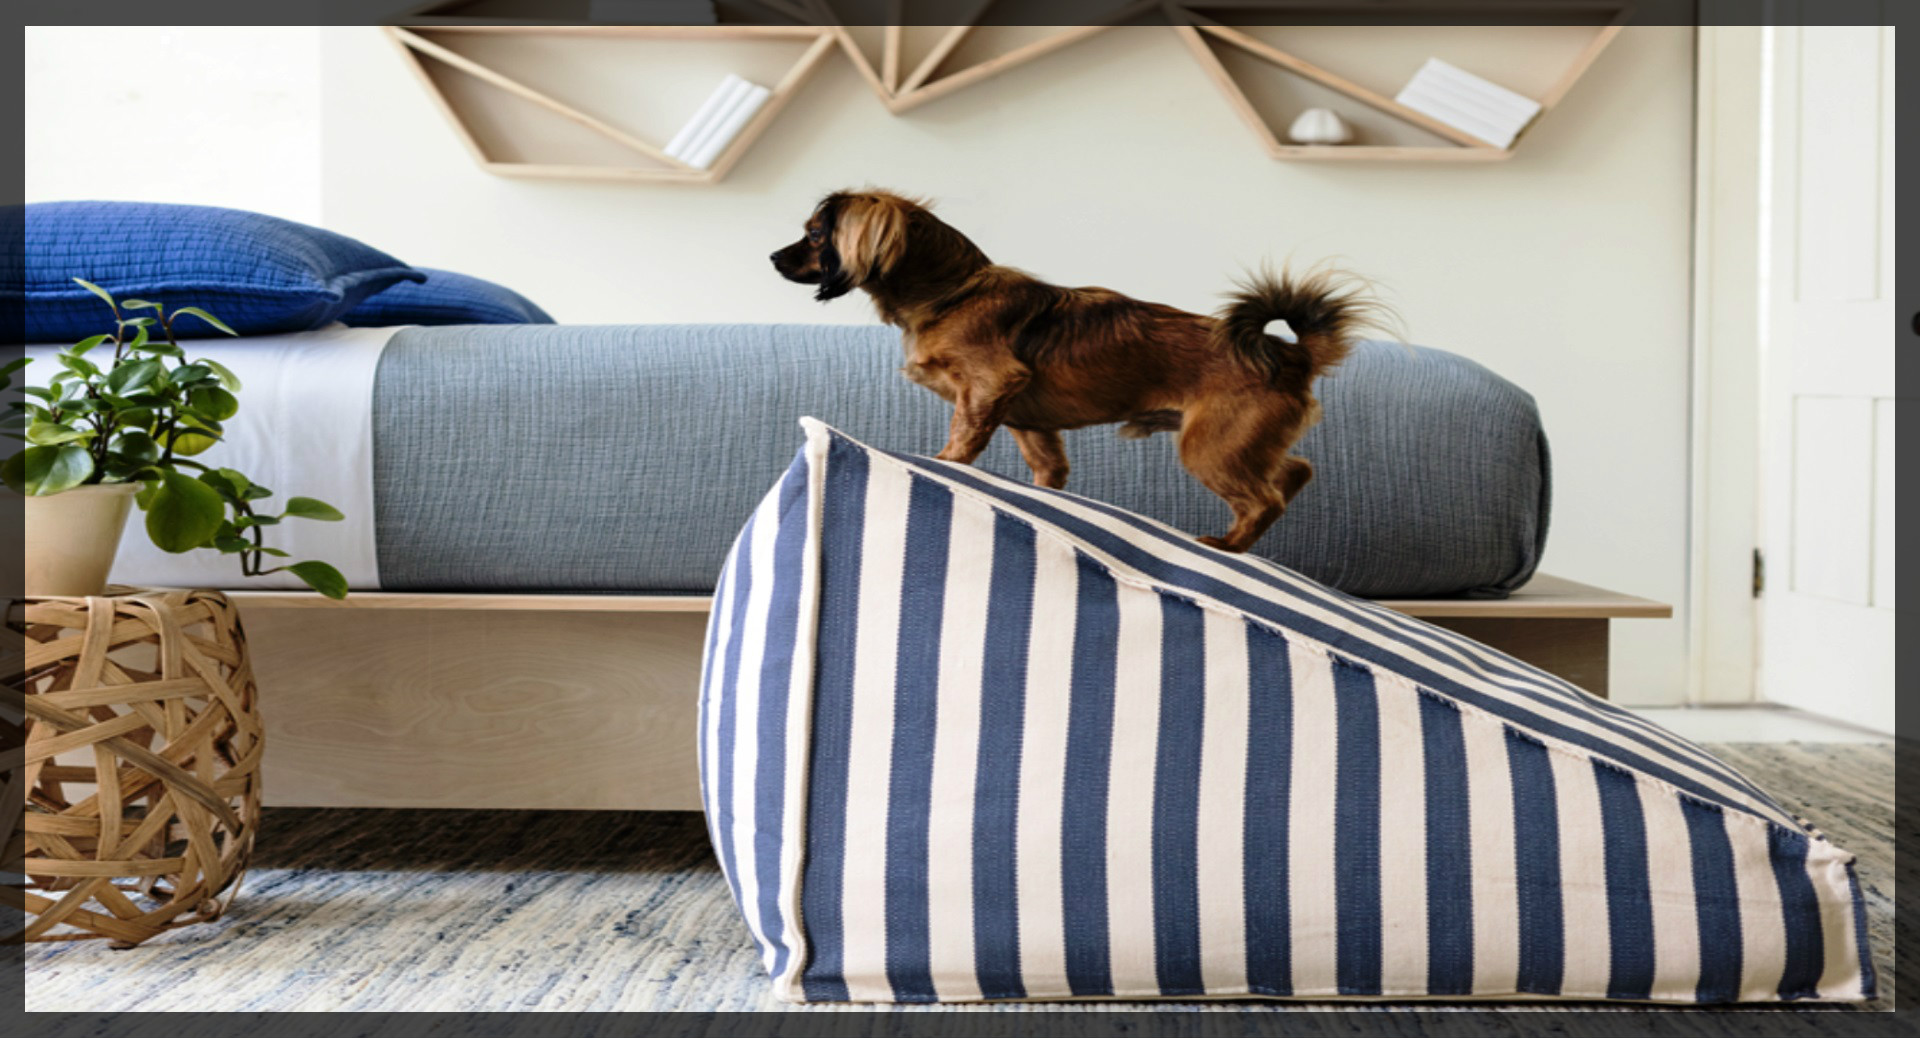 Letti fai da te per cani : letti per cani fai da te. letto fai da ...